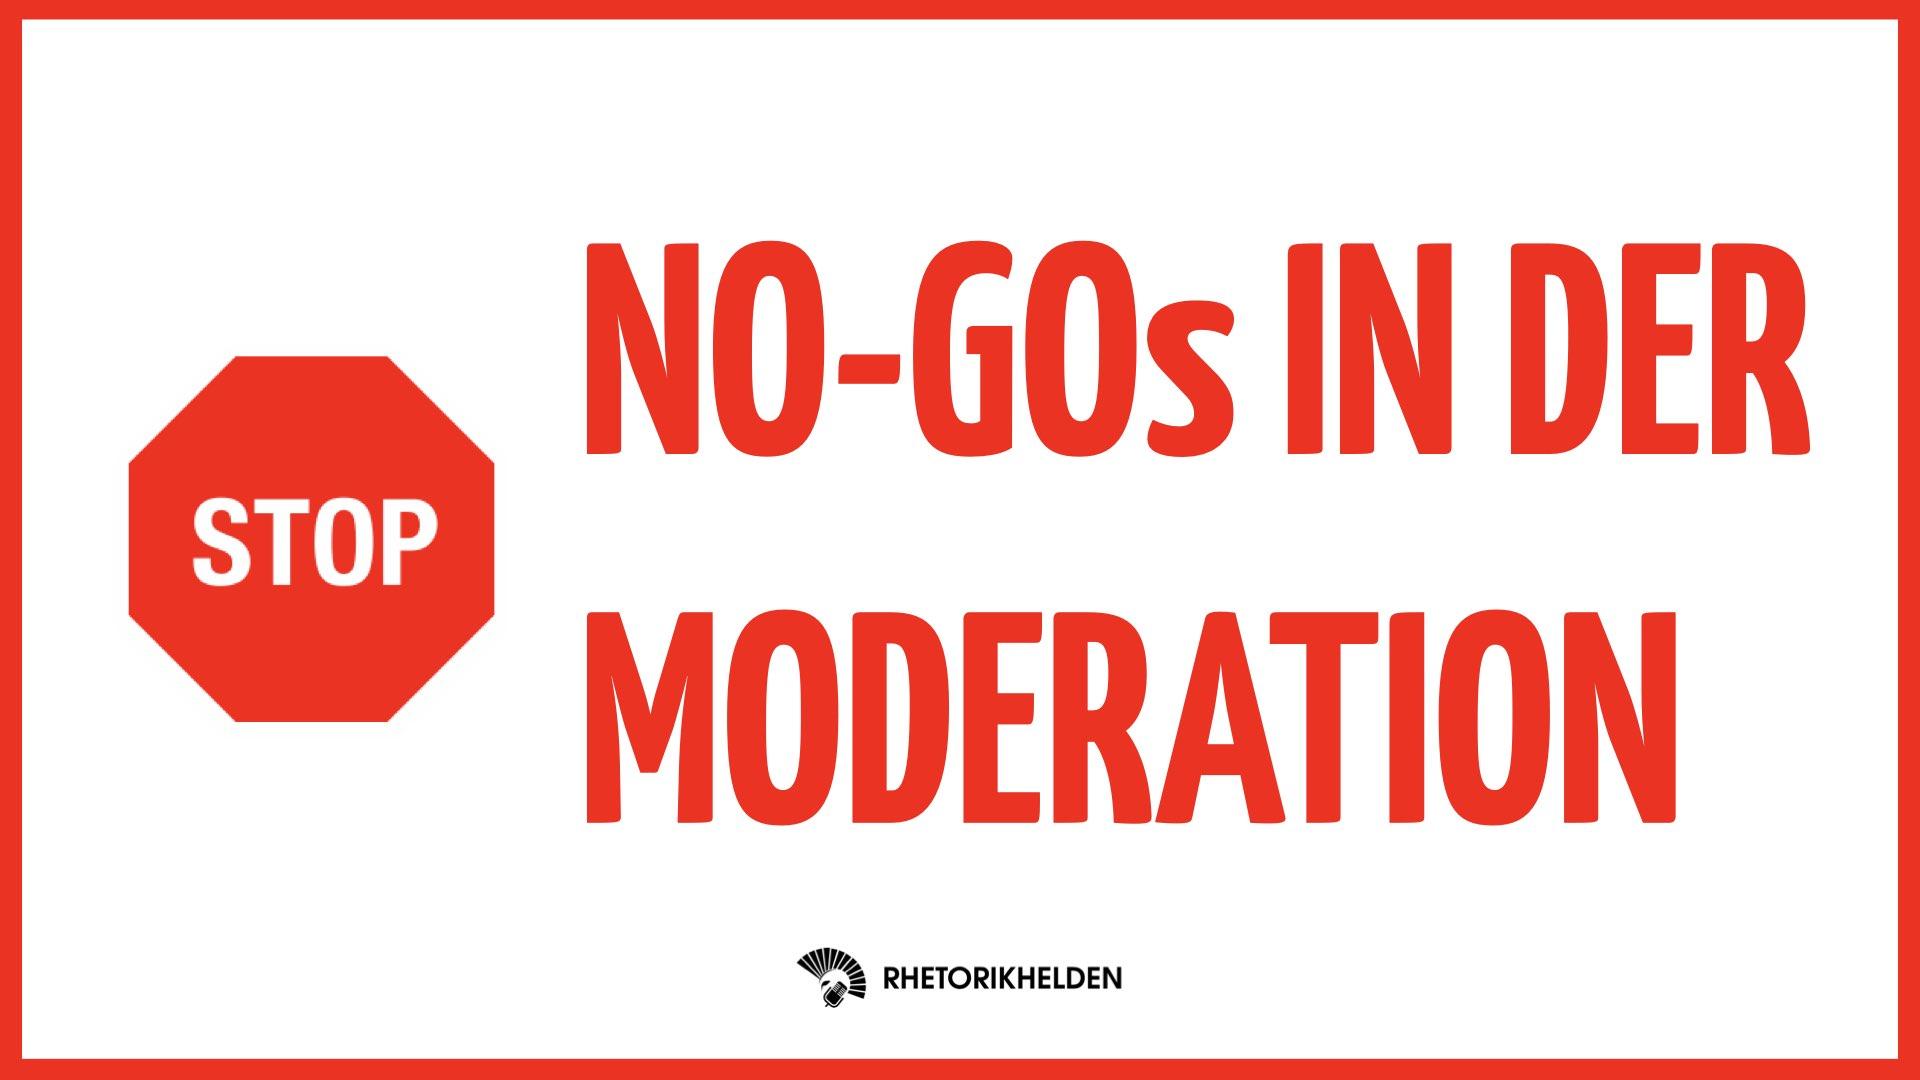 no-gos-moderation-rhetorikhelden-new-wor